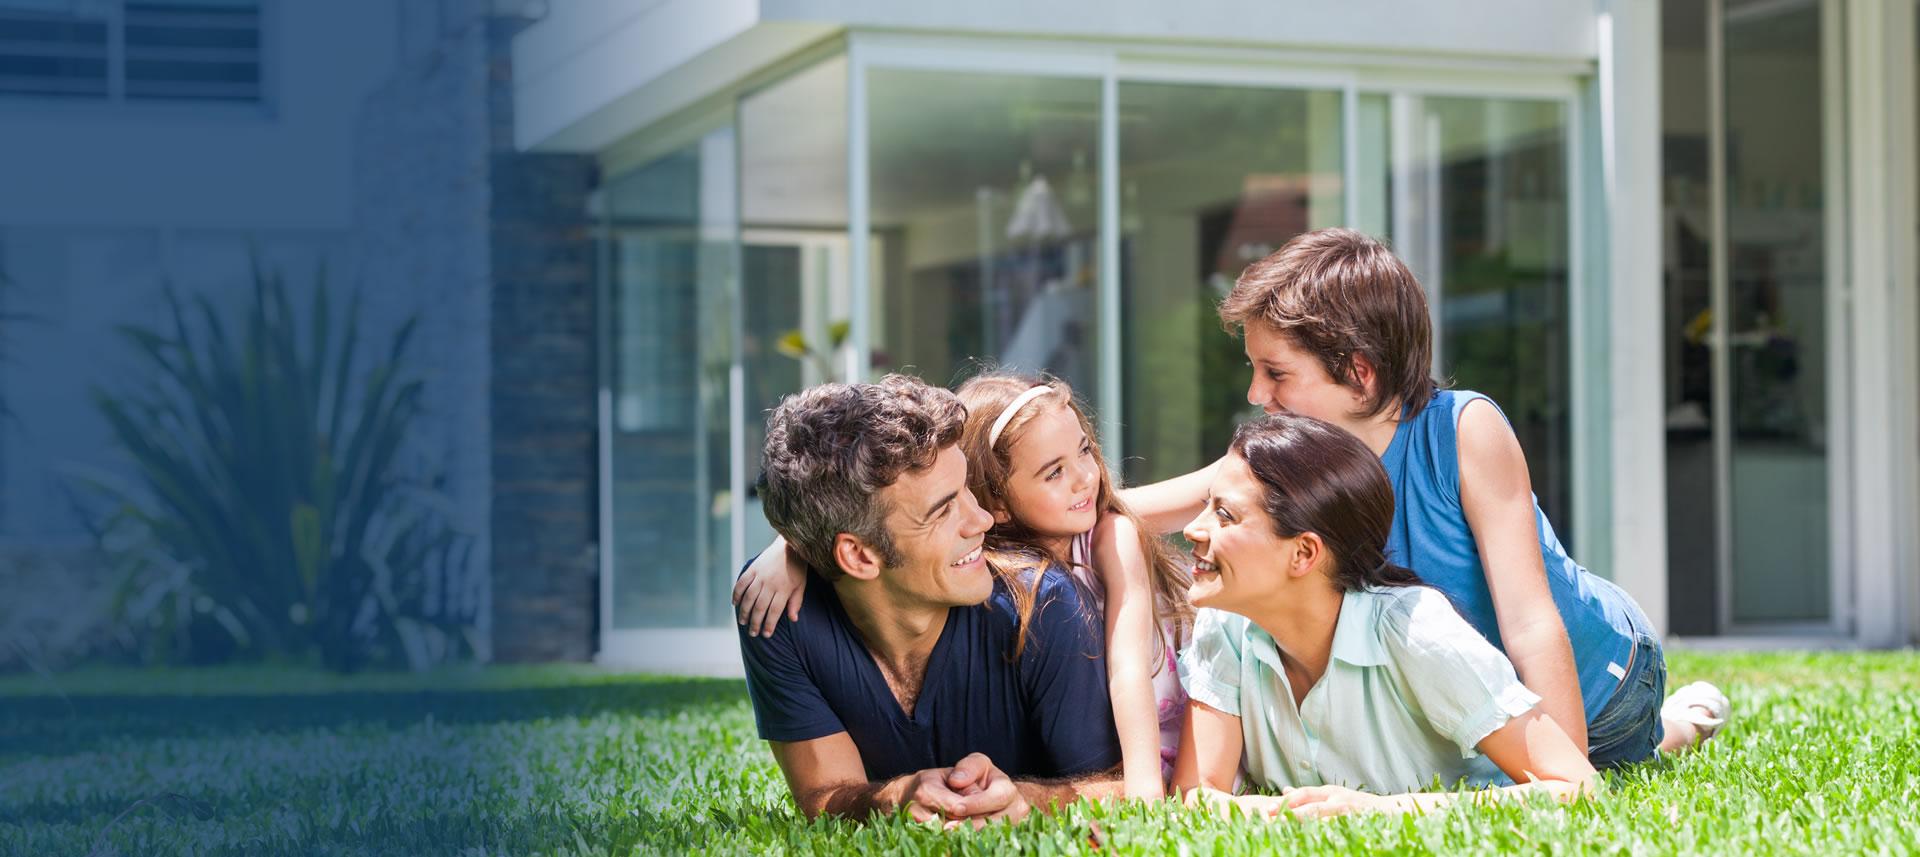 baufinanzierung heidelberg finanzierungsberater mannheim. Black Bedroom Furniture Sets. Home Design Ideas